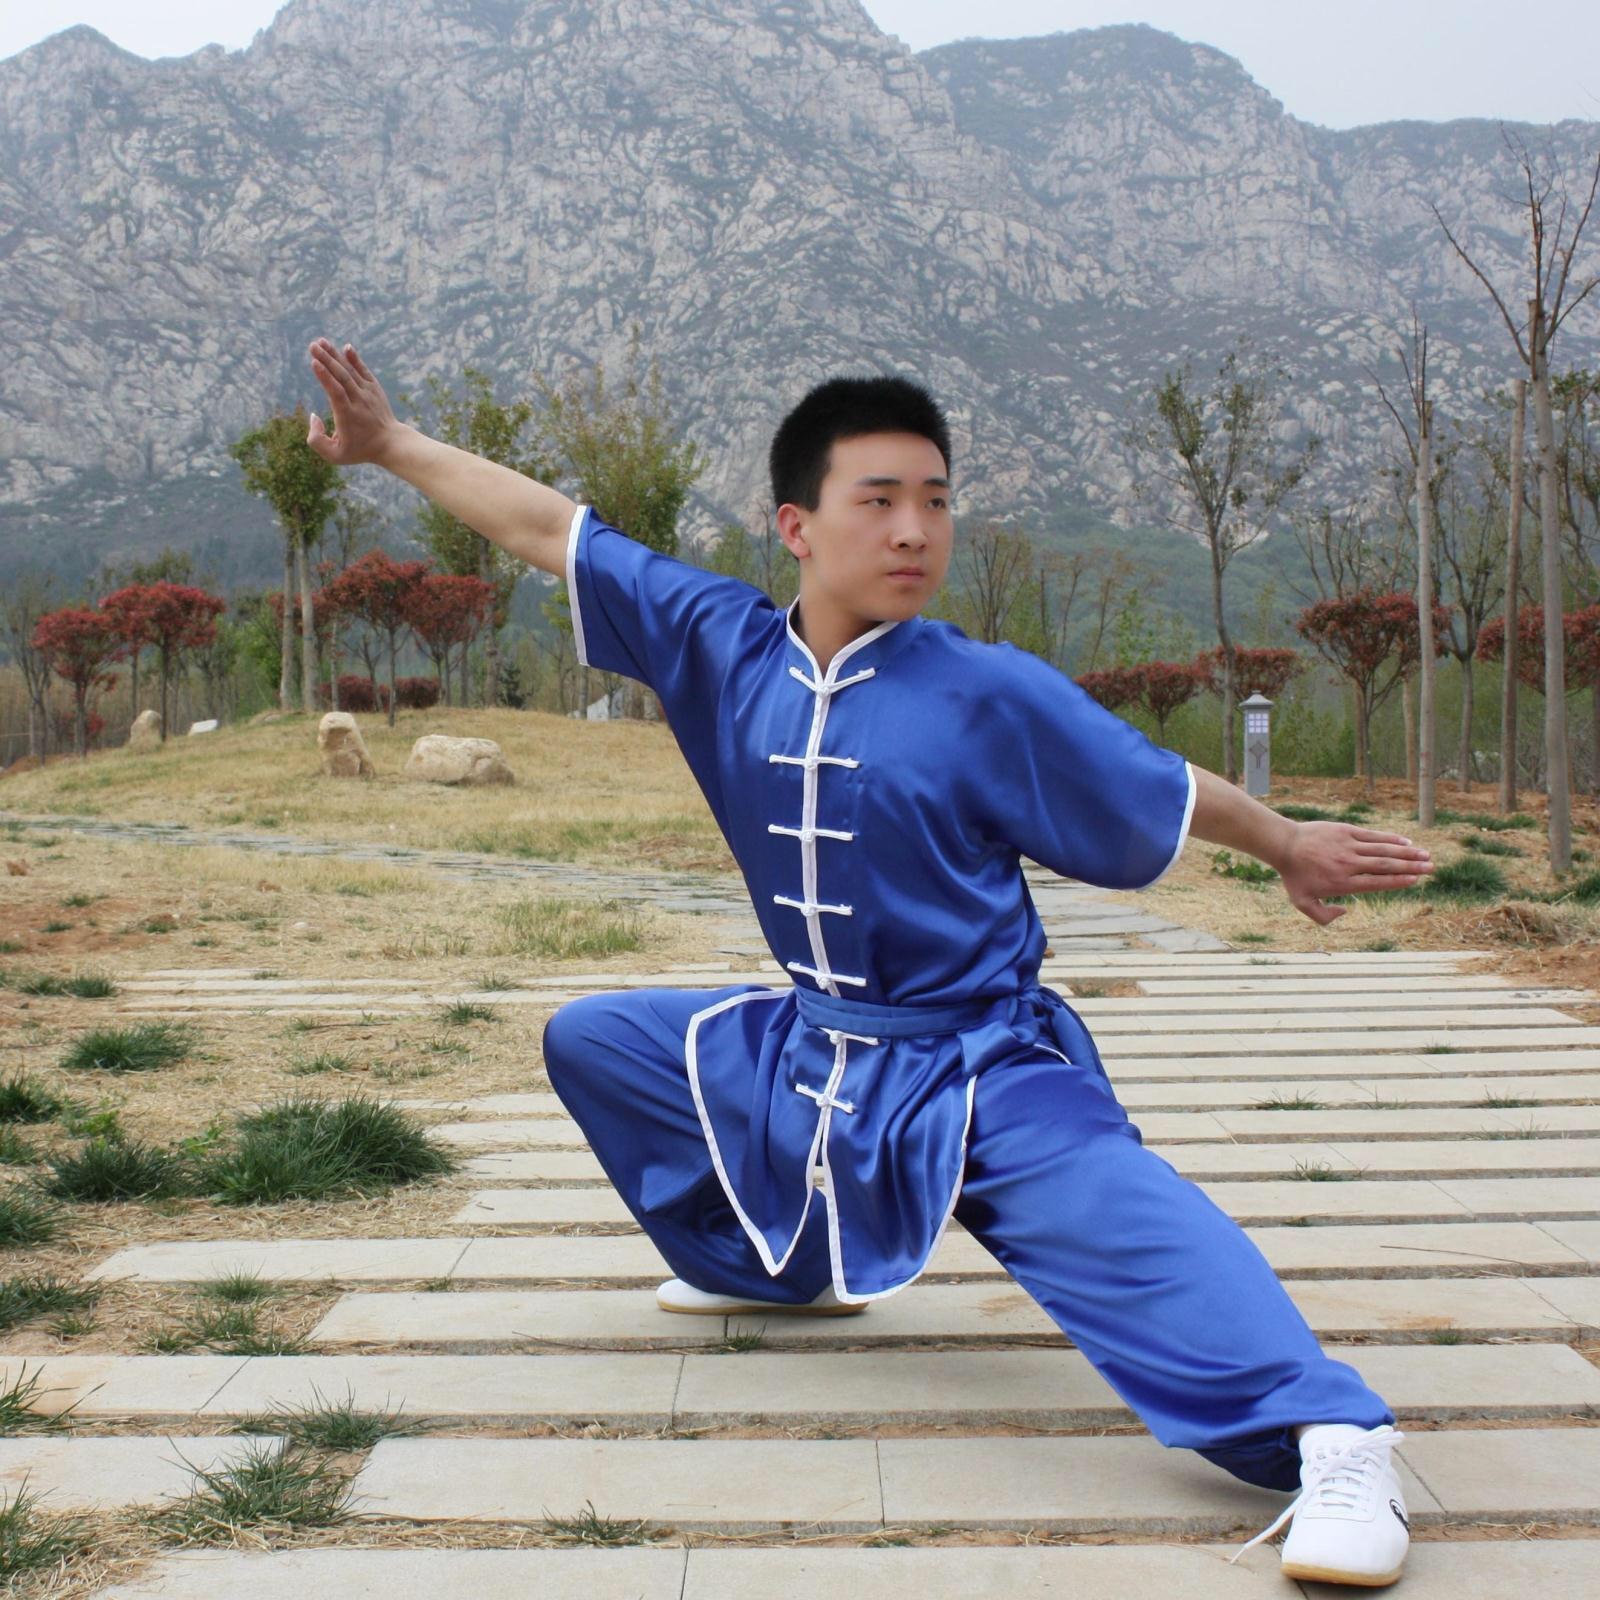 Kimono Jiu Jitsu Jodu Wushu Kung Fu Shaolin Uniform Hakama Kimono Jiu-jitsu Sport Suit Roupa Tai Chi